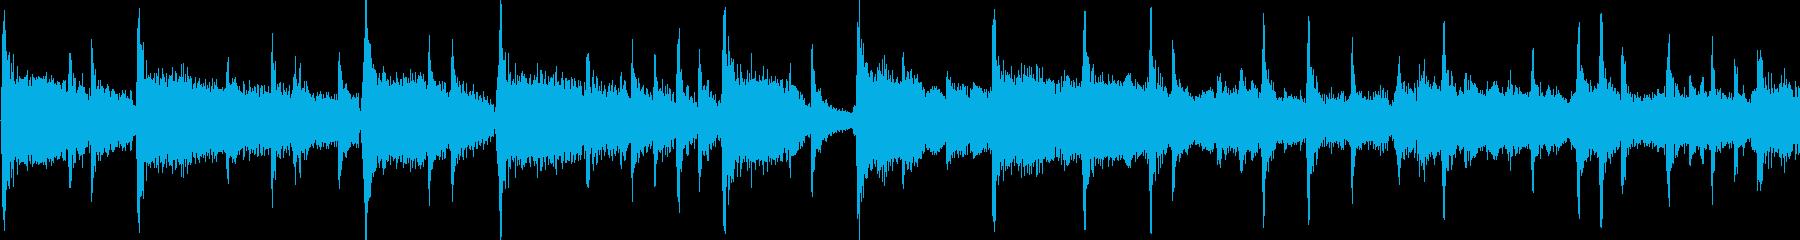 オープニングに最適なジングル(ループ)の再生済みの波形